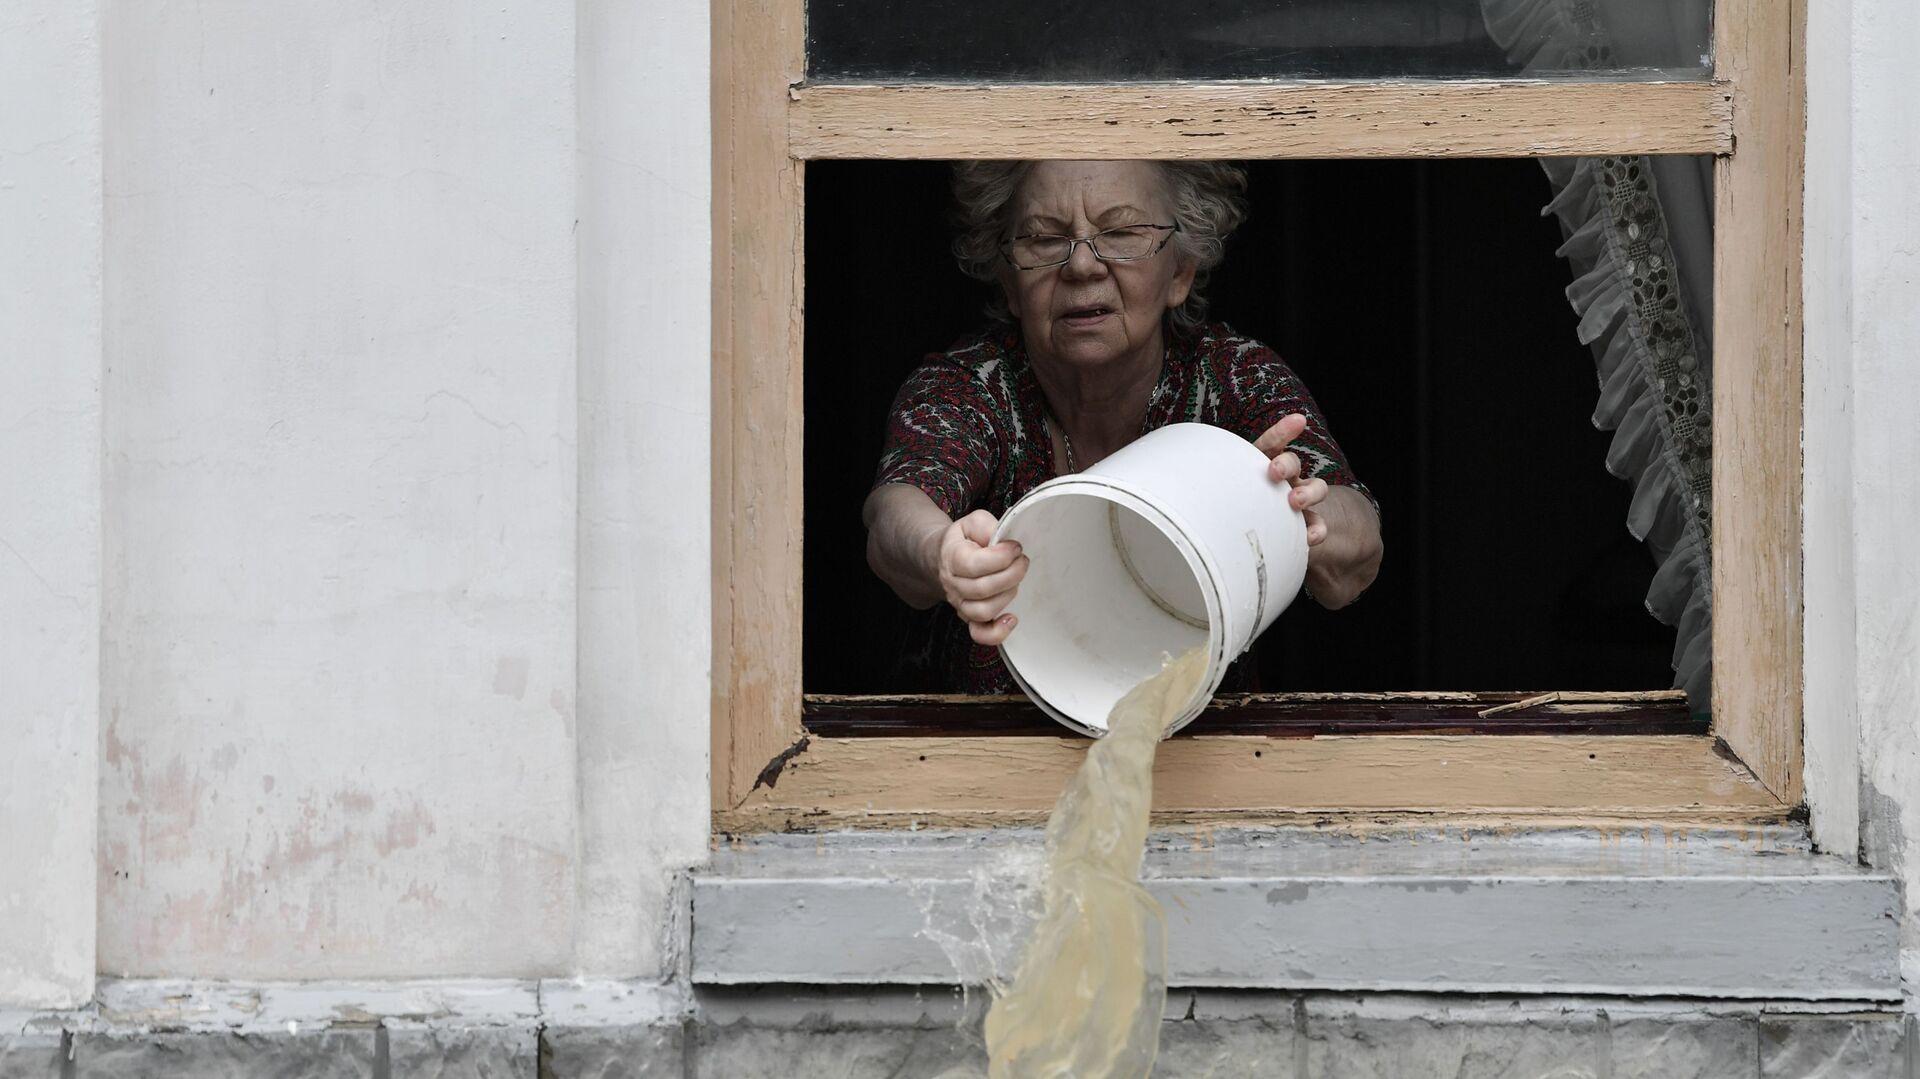 Жительница Керчи вычерпывает воду из дома ведром - РИА Новости, 1920, 18.06.2021